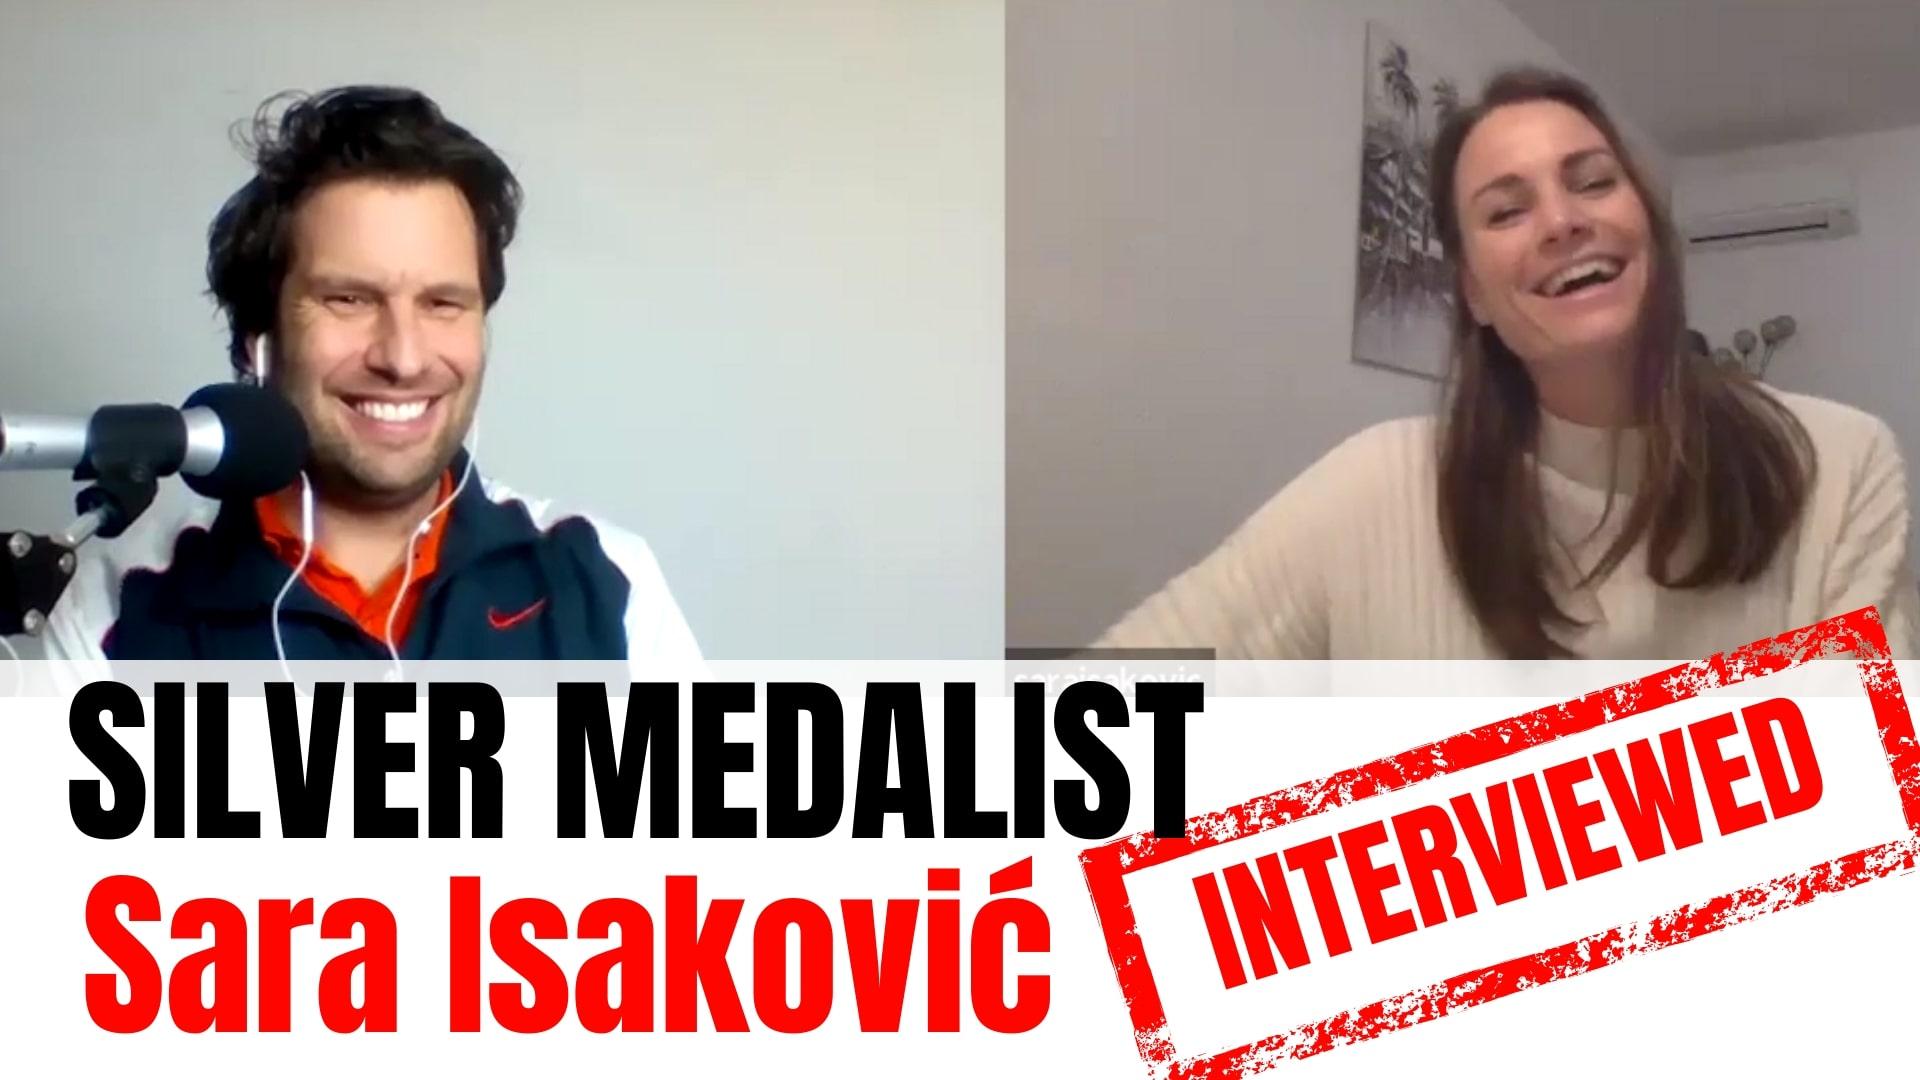 Sara Isaković Sara Isaković interview